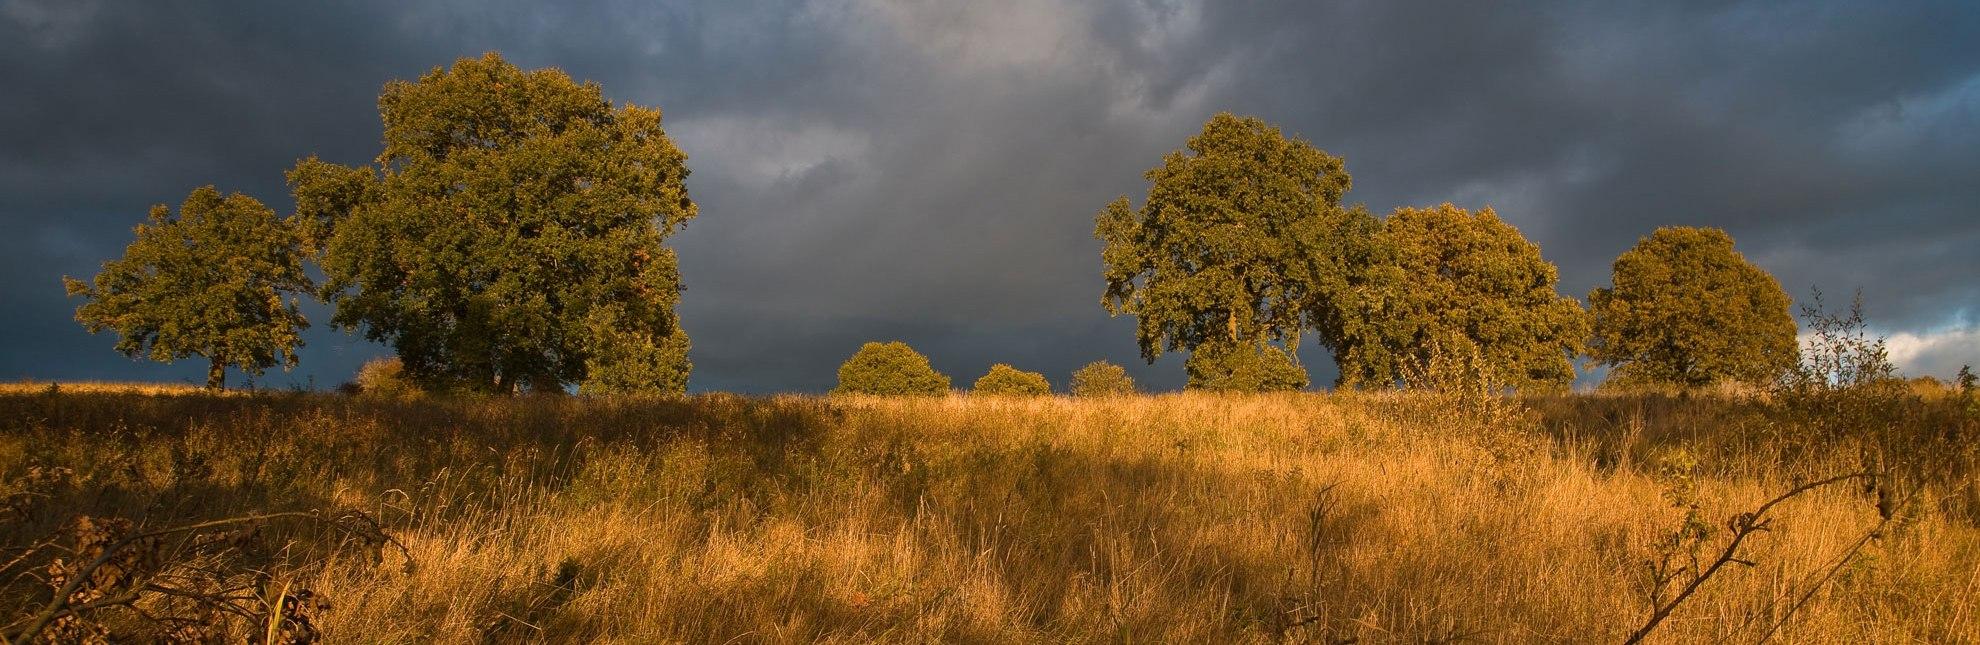 Zwischen Licht und Wolken im Pirschbachtal bei Mölln., © Thomas Ebelt / HLMS GmbH